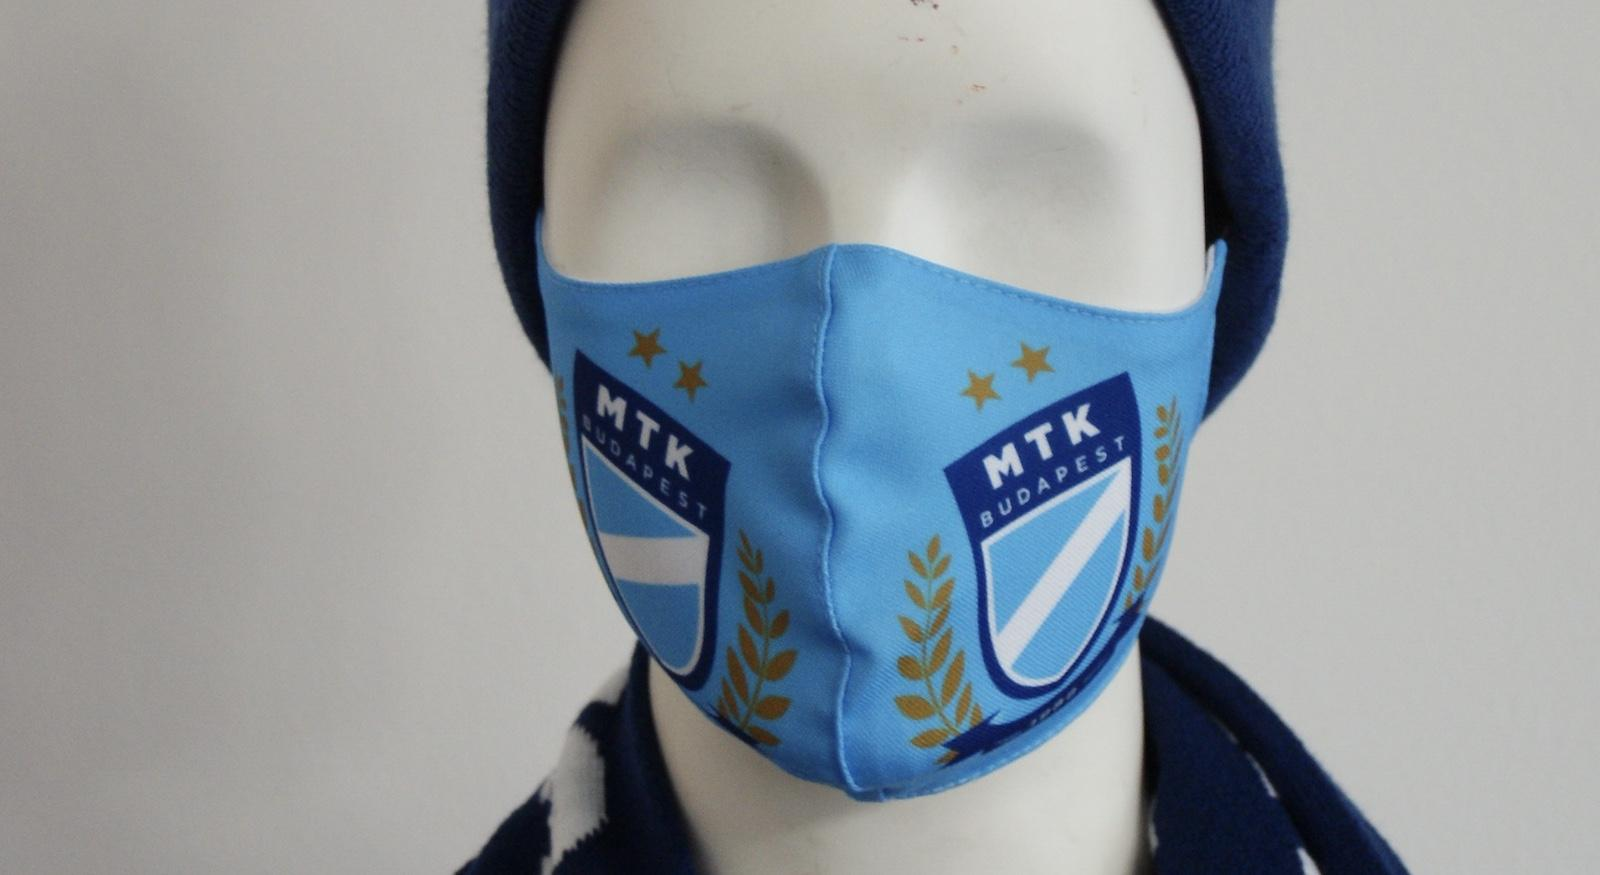 Péntektől kötelező a maszkviselés a futballmeccseken is